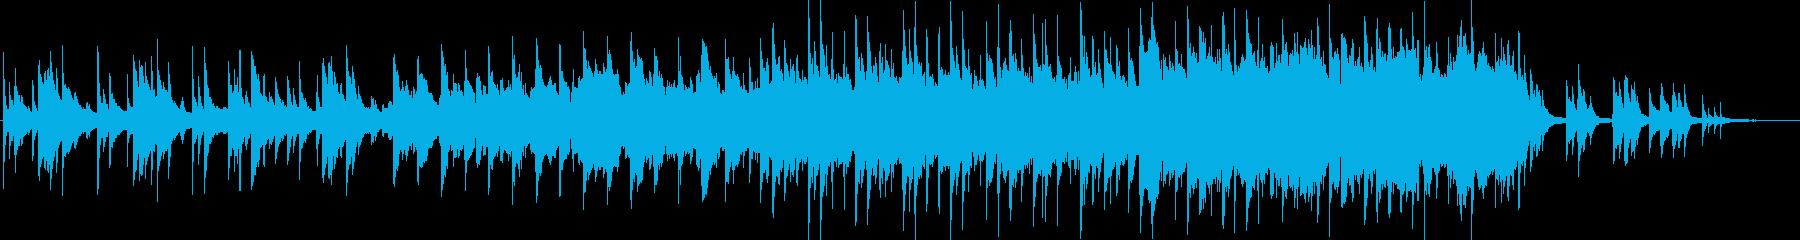 琴と尺八によるしっとりとした和風バラードの再生済みの波形